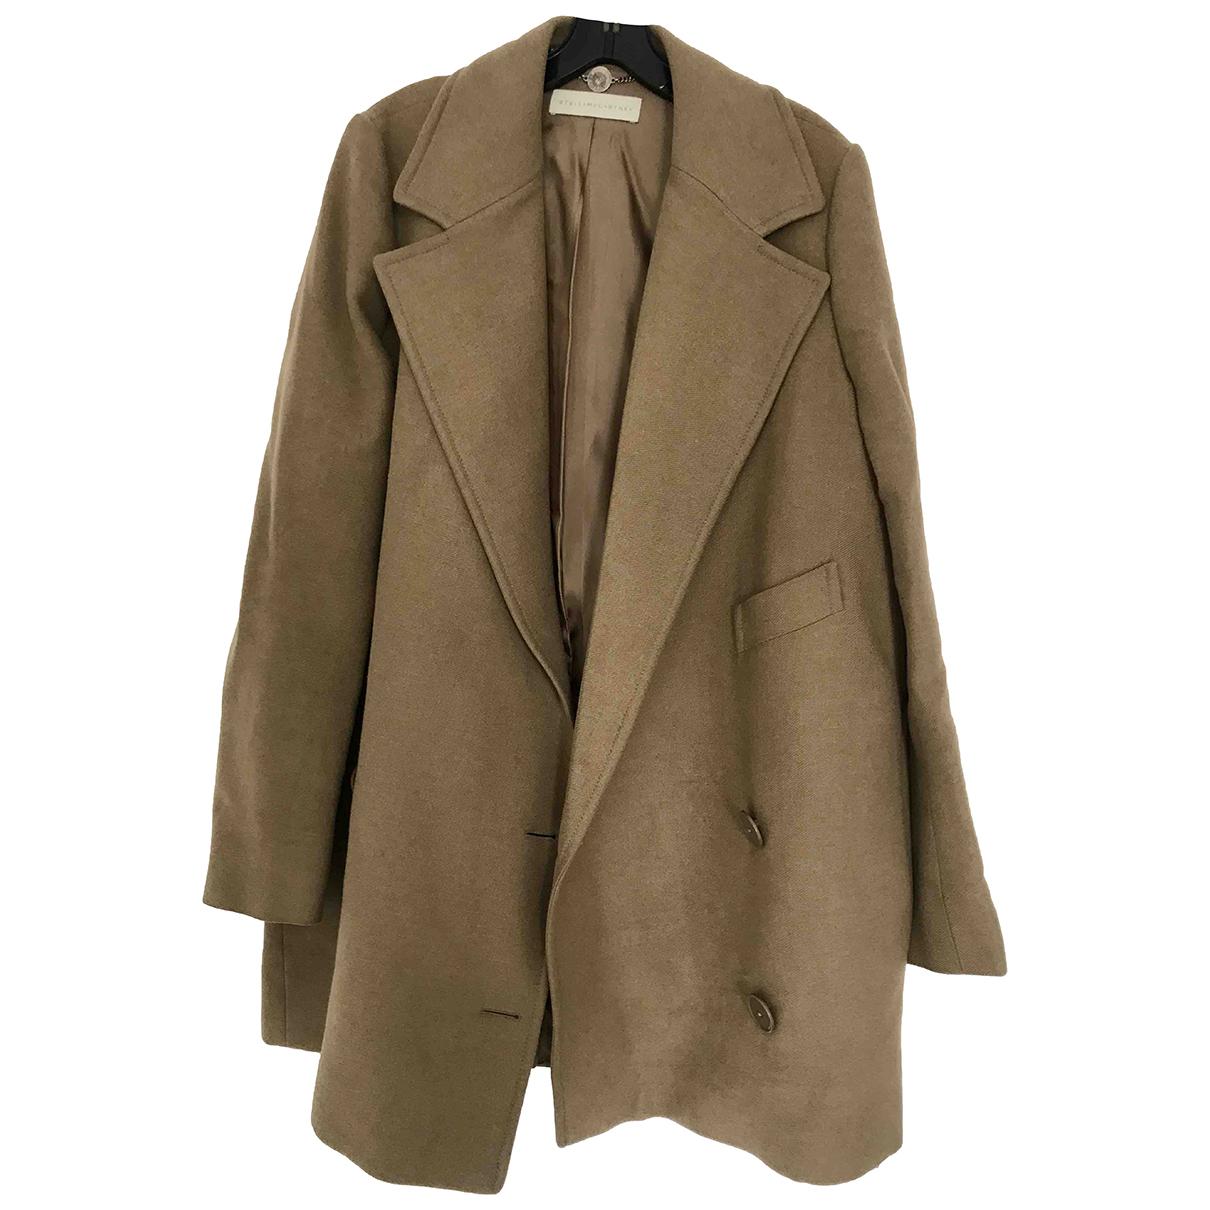 Stella Mccartney N Camel coat for Women 46 IT